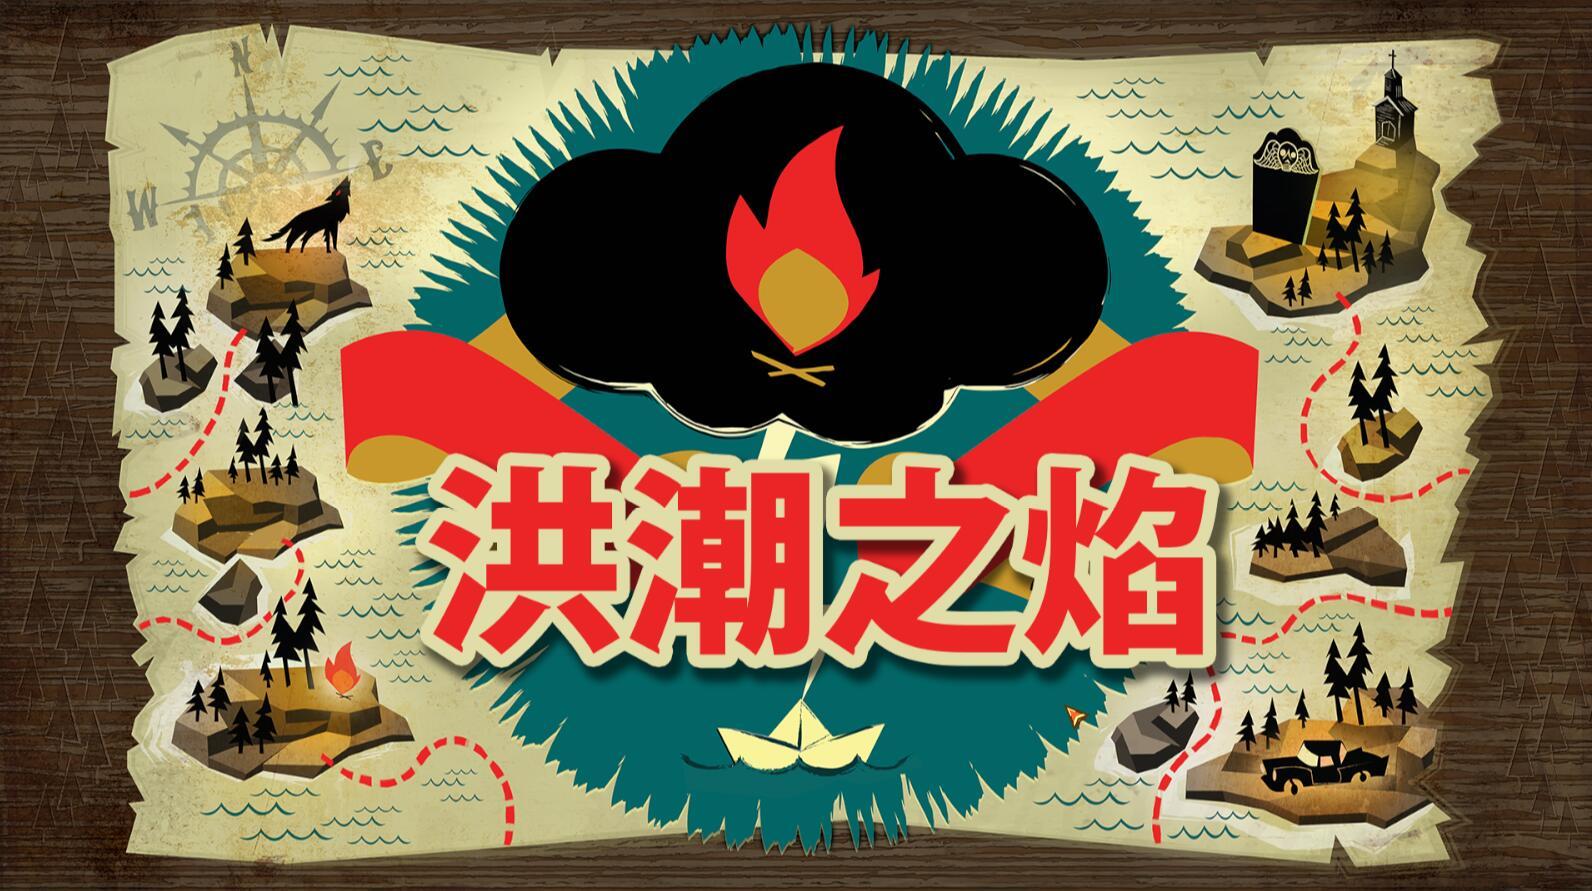 《洪潮之焰》官方中文5月9日首登wegame 末日求生浪漫之旅